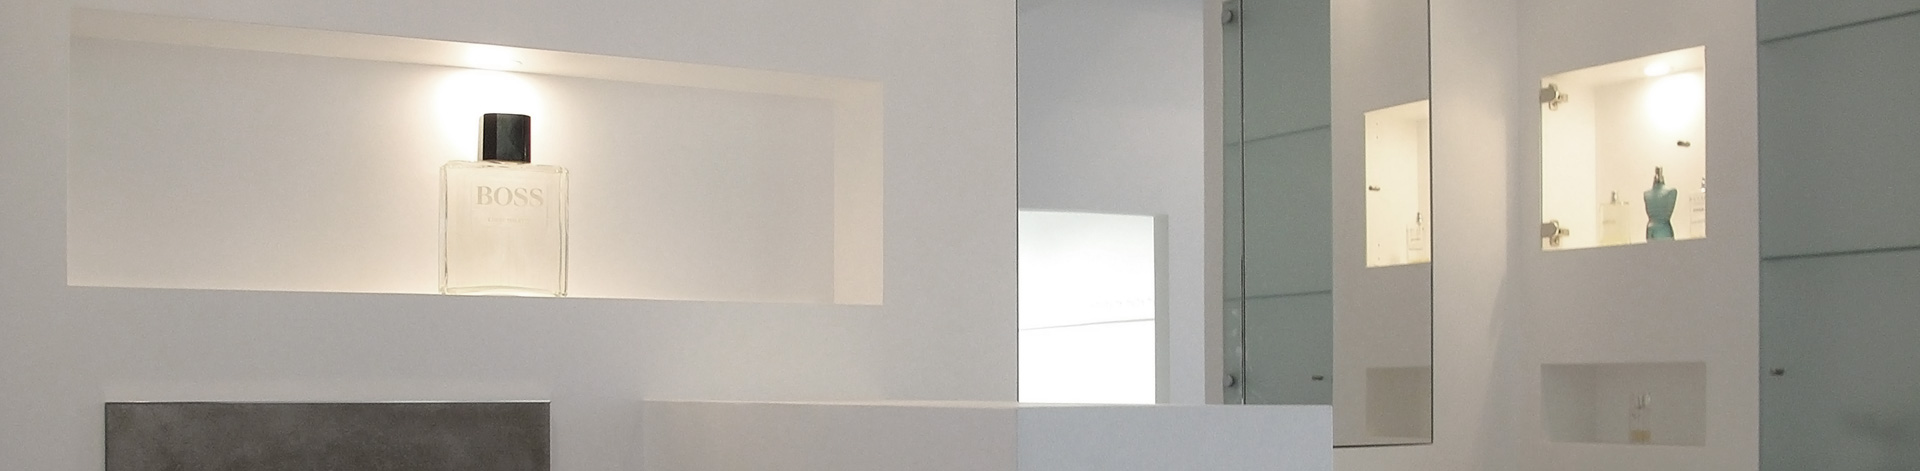 Badezimmer-Nischen - Introbau